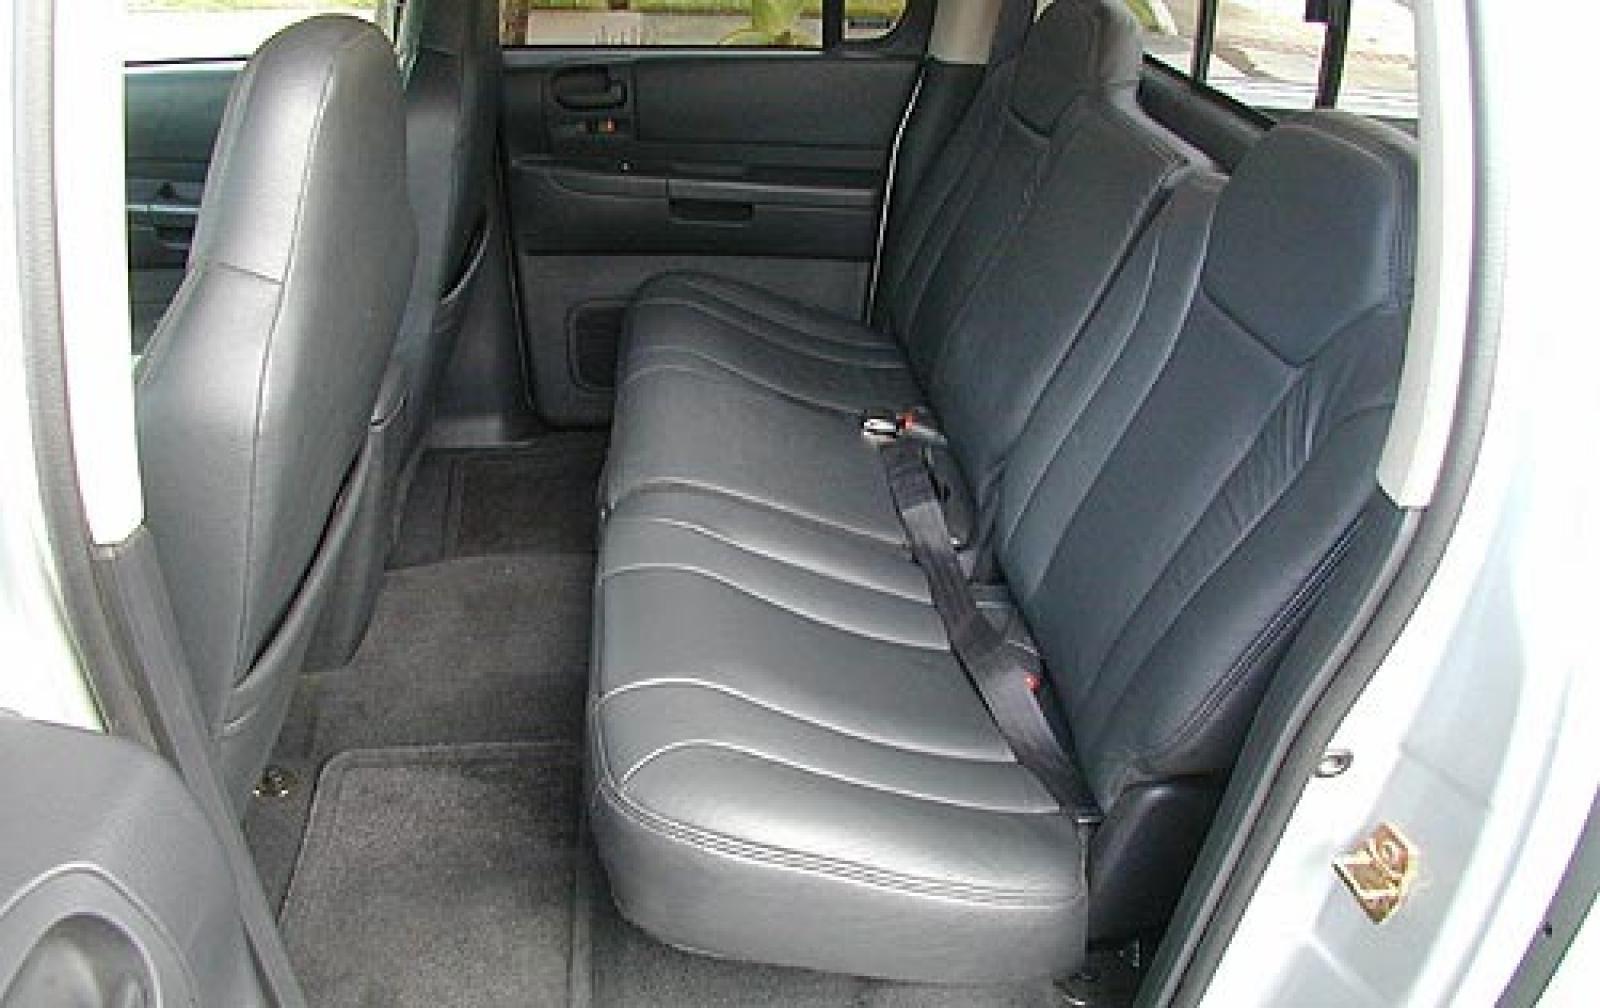 1996 Dodge Dakota Extended Cab Interior